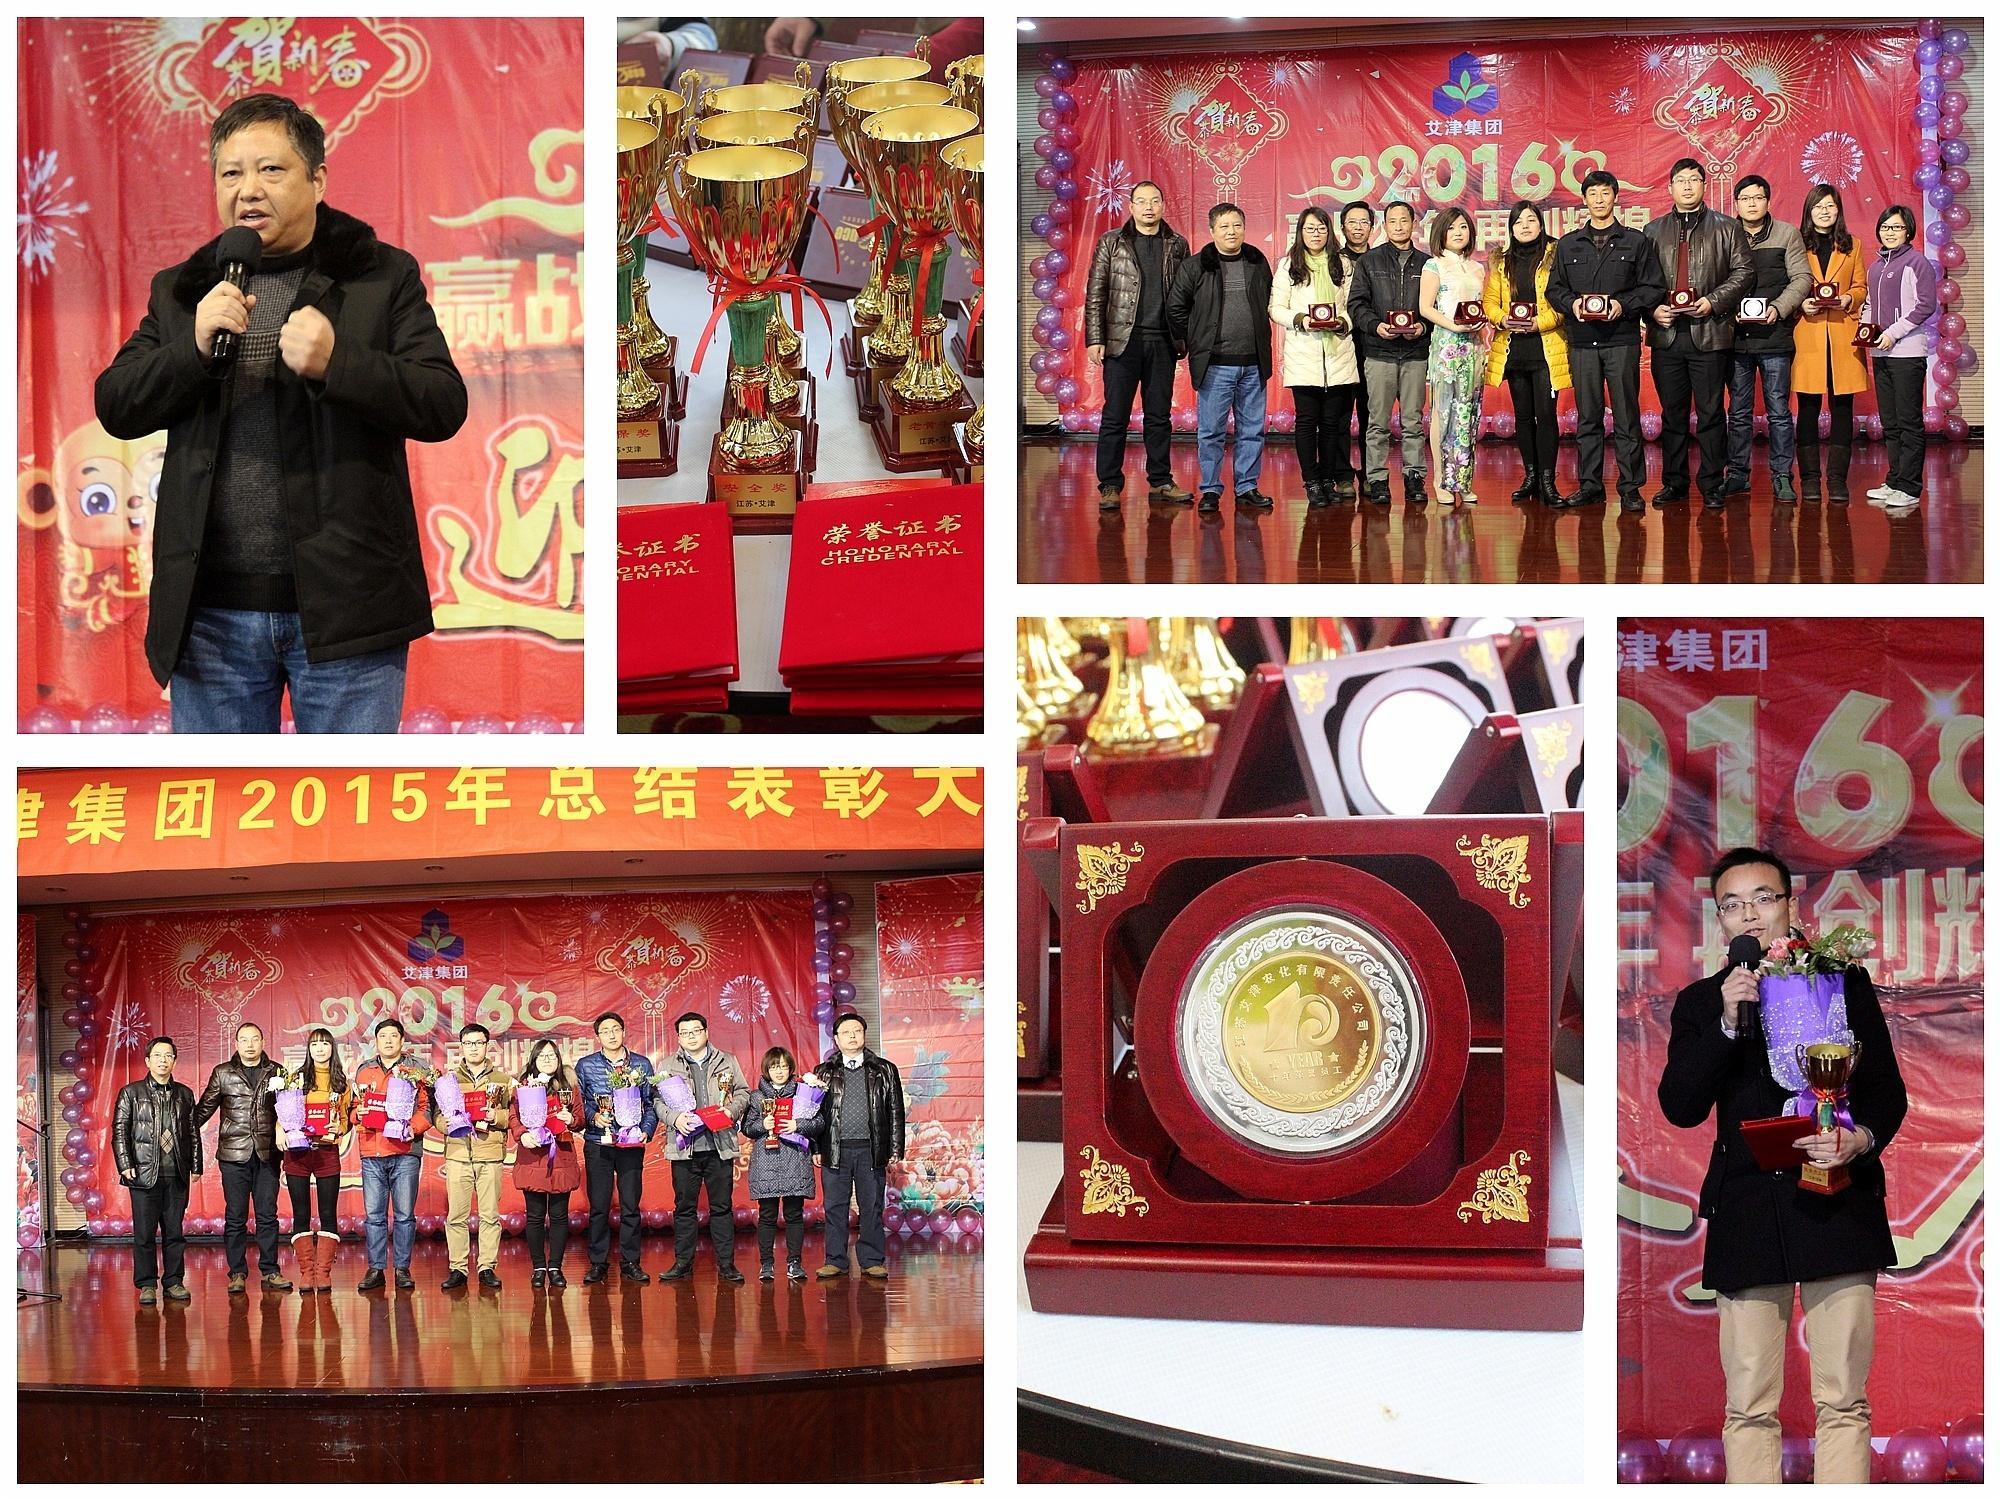 江苏艾津集团2015年终表彰大会